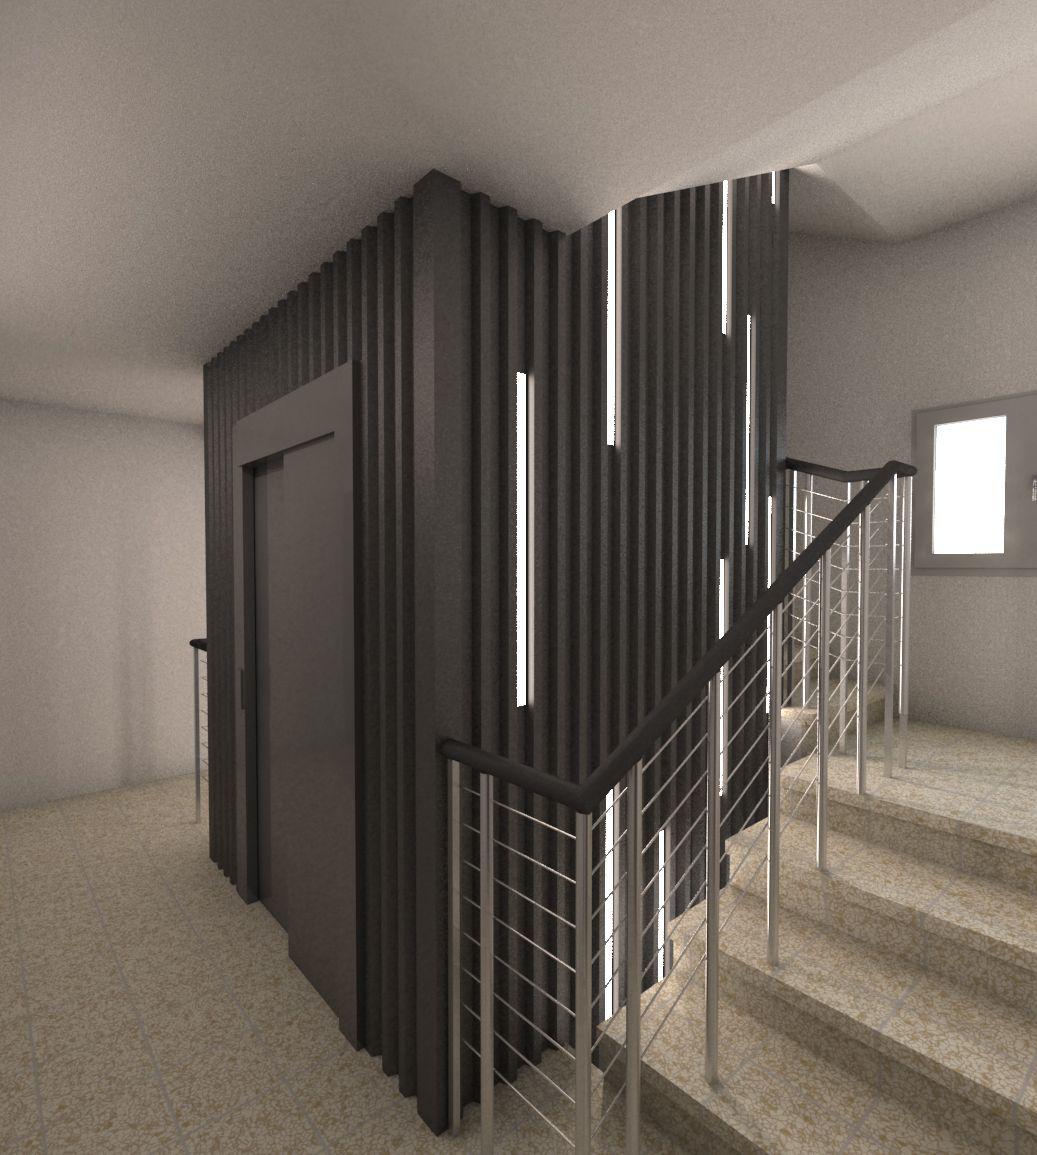 Ideas de #Edificios de #Recibidor, estilo #Moderno diseñado por Q:NØ ARQUITECTOS Arquitecto con #Dibujos #Maquetas  #CajonDeIdeas